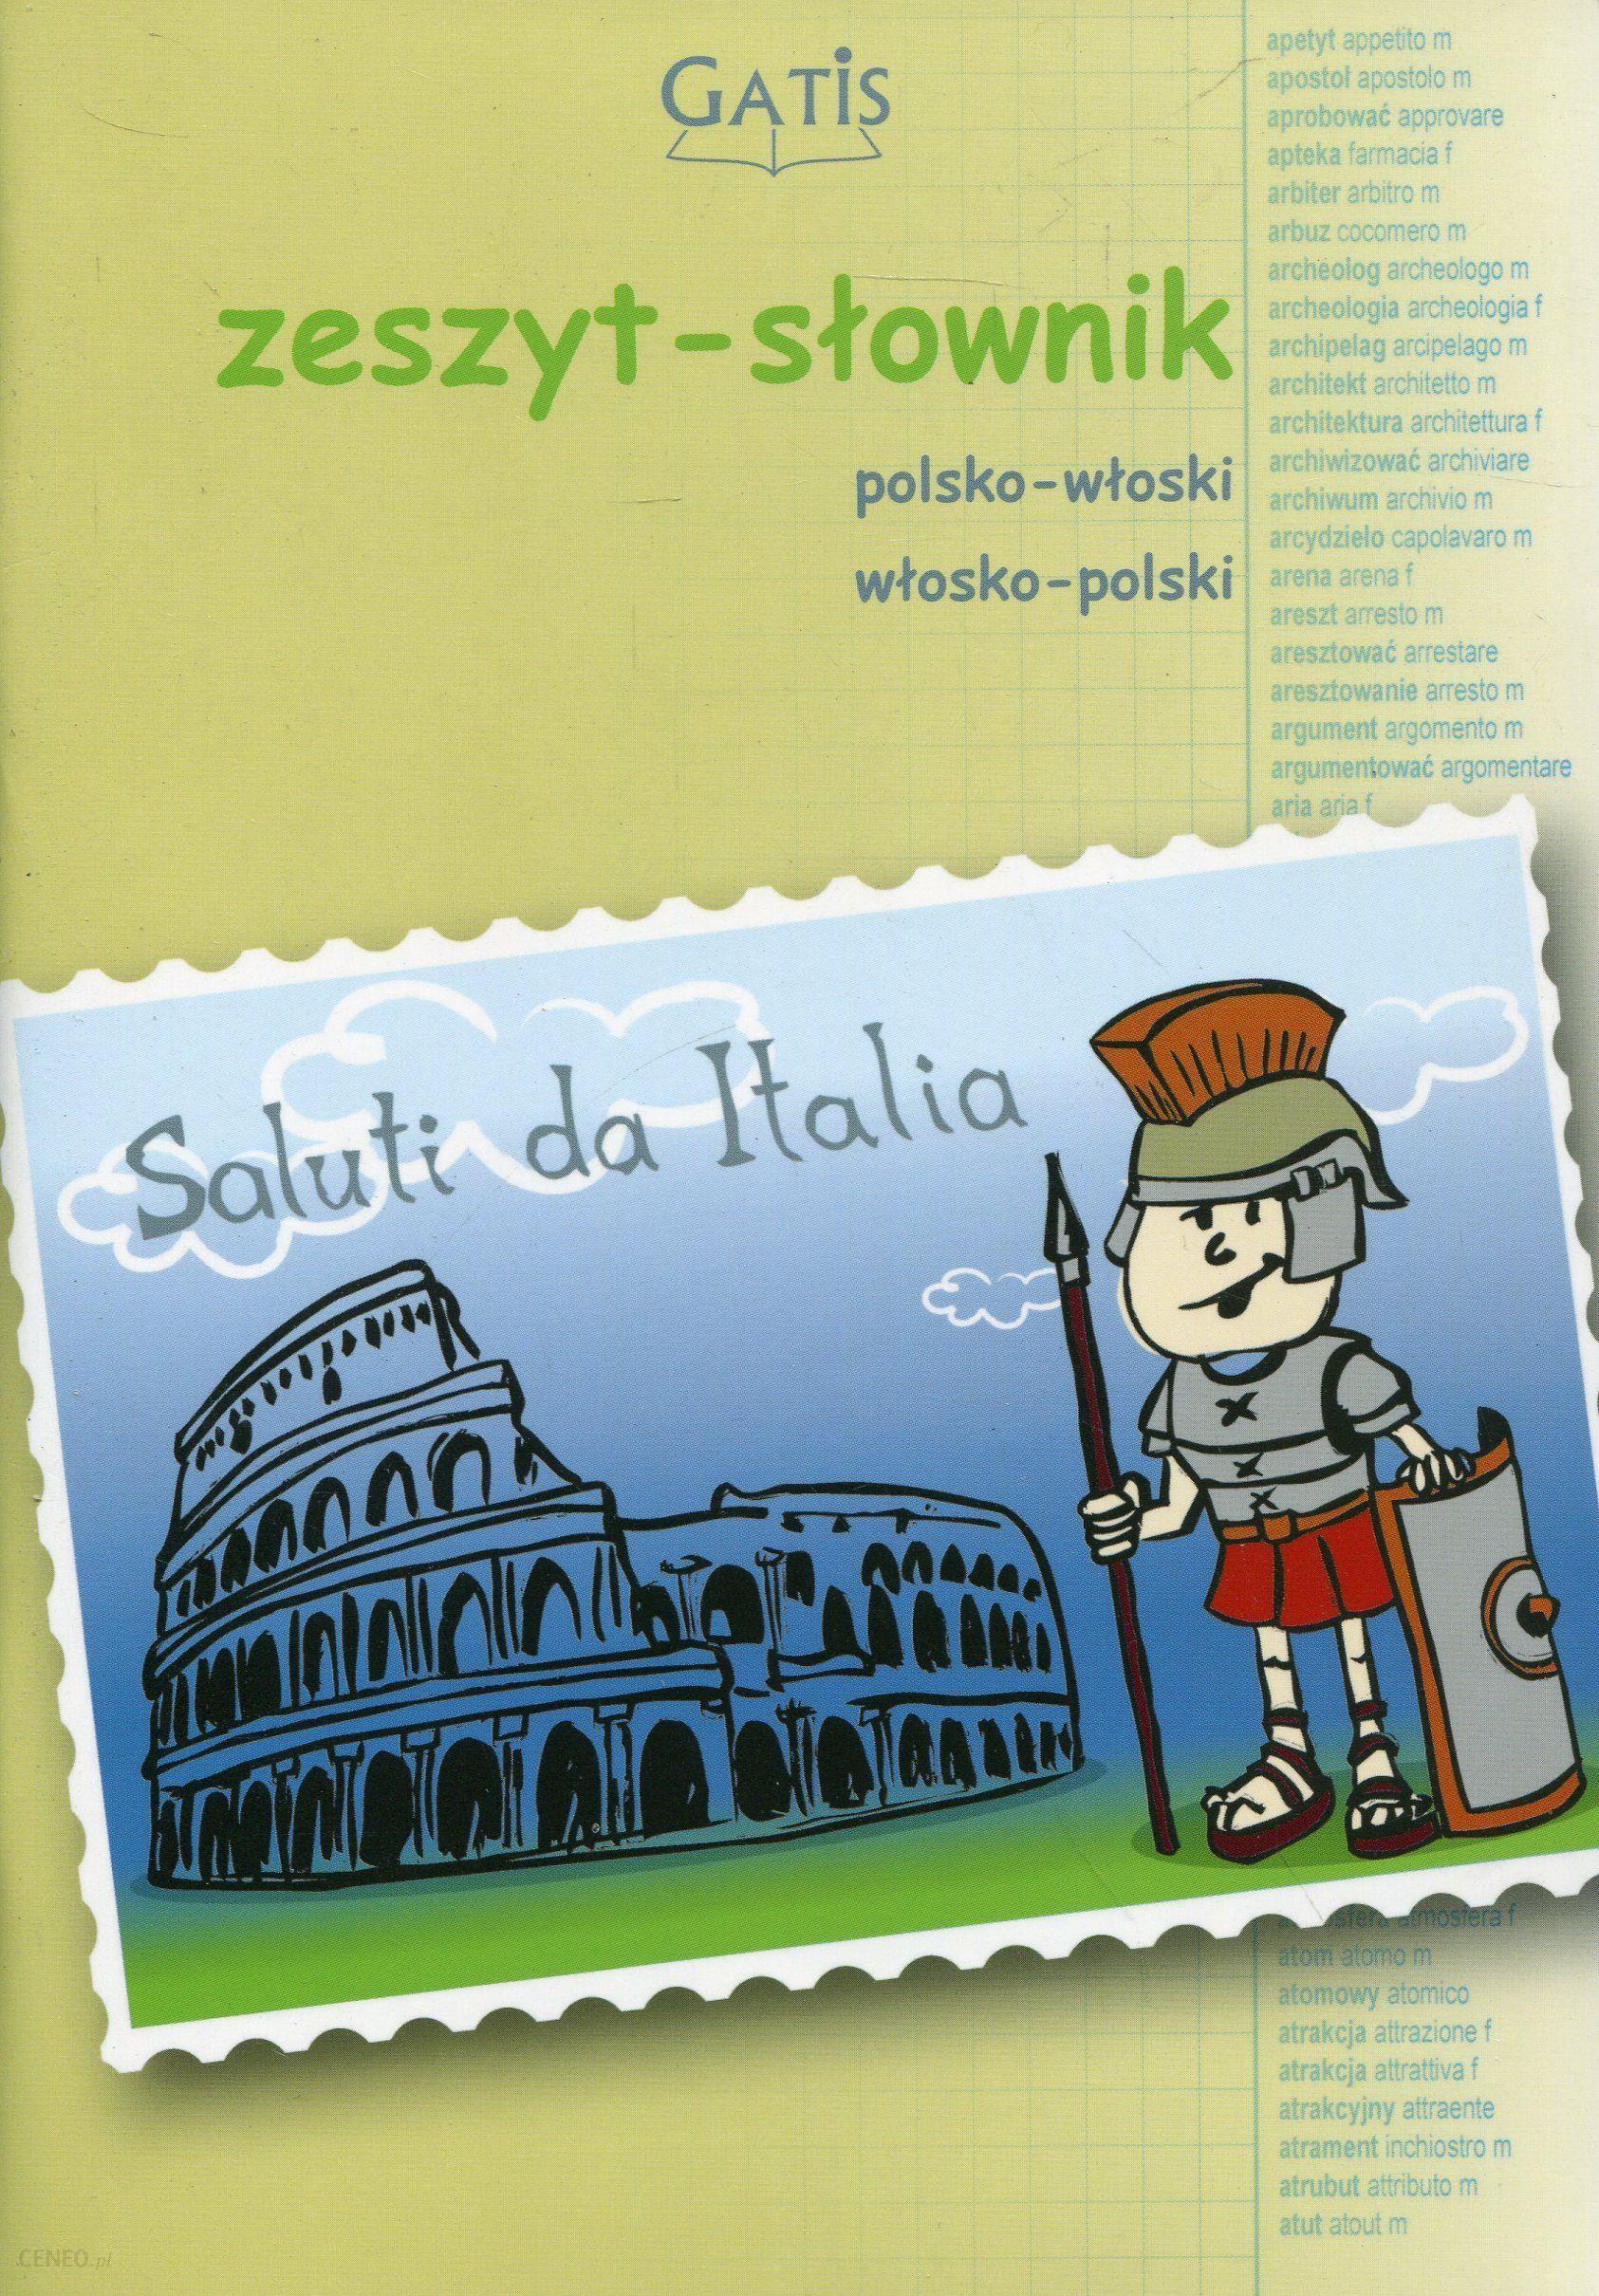 Gatis Zeszyt Do Języka Włoskiego Słownik W Kratkę A5 60 Kartek - zdjęcie 1